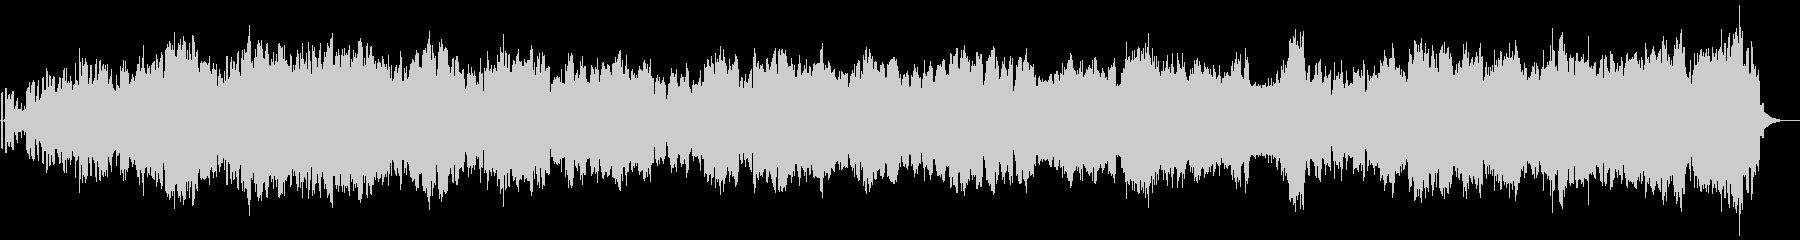 煌びやかな癒し系アンビエント楽曲01-1の未再生の波形